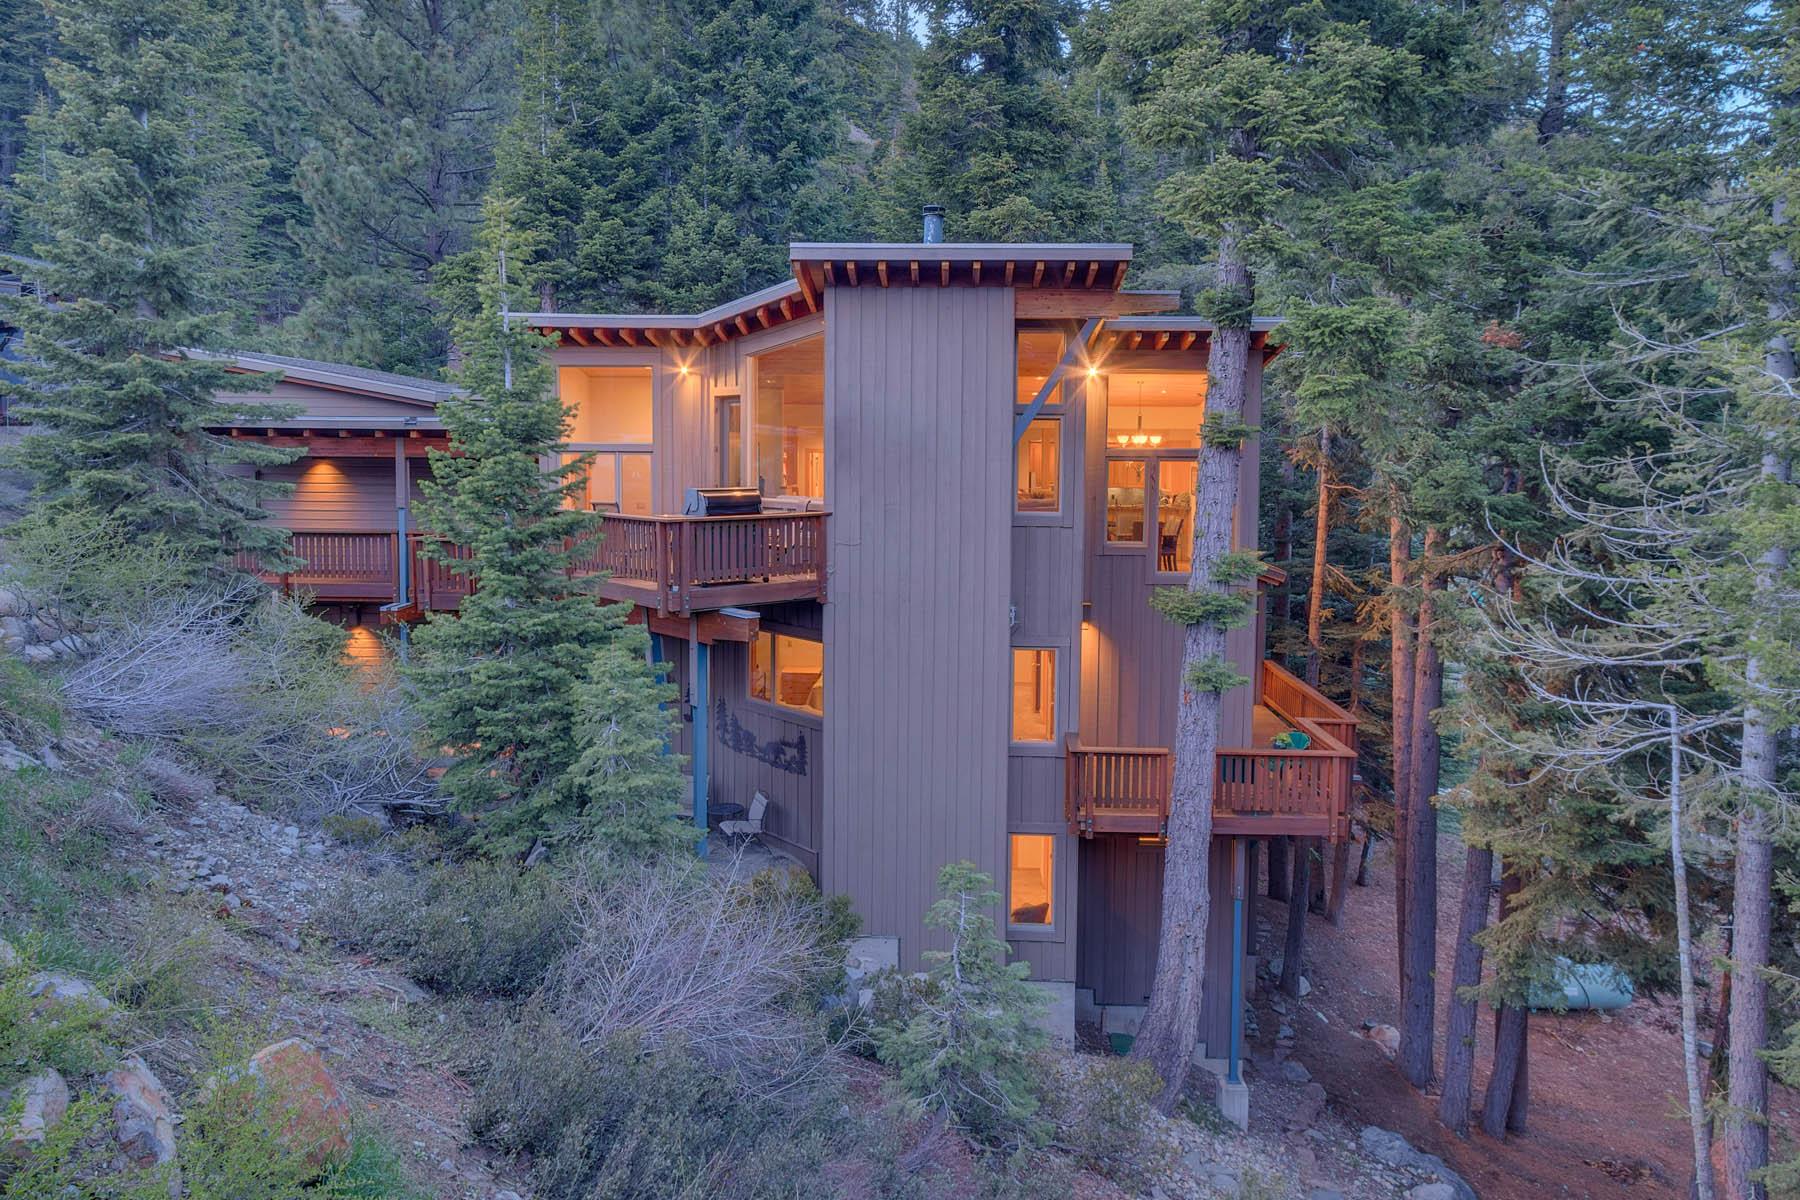 独户住宅 为 销售 在 1581 Zurs Court, Alpine Meadows, CA 1581 Zurs Court 阿尔派恩, 加利福尼亚州 96146 美国